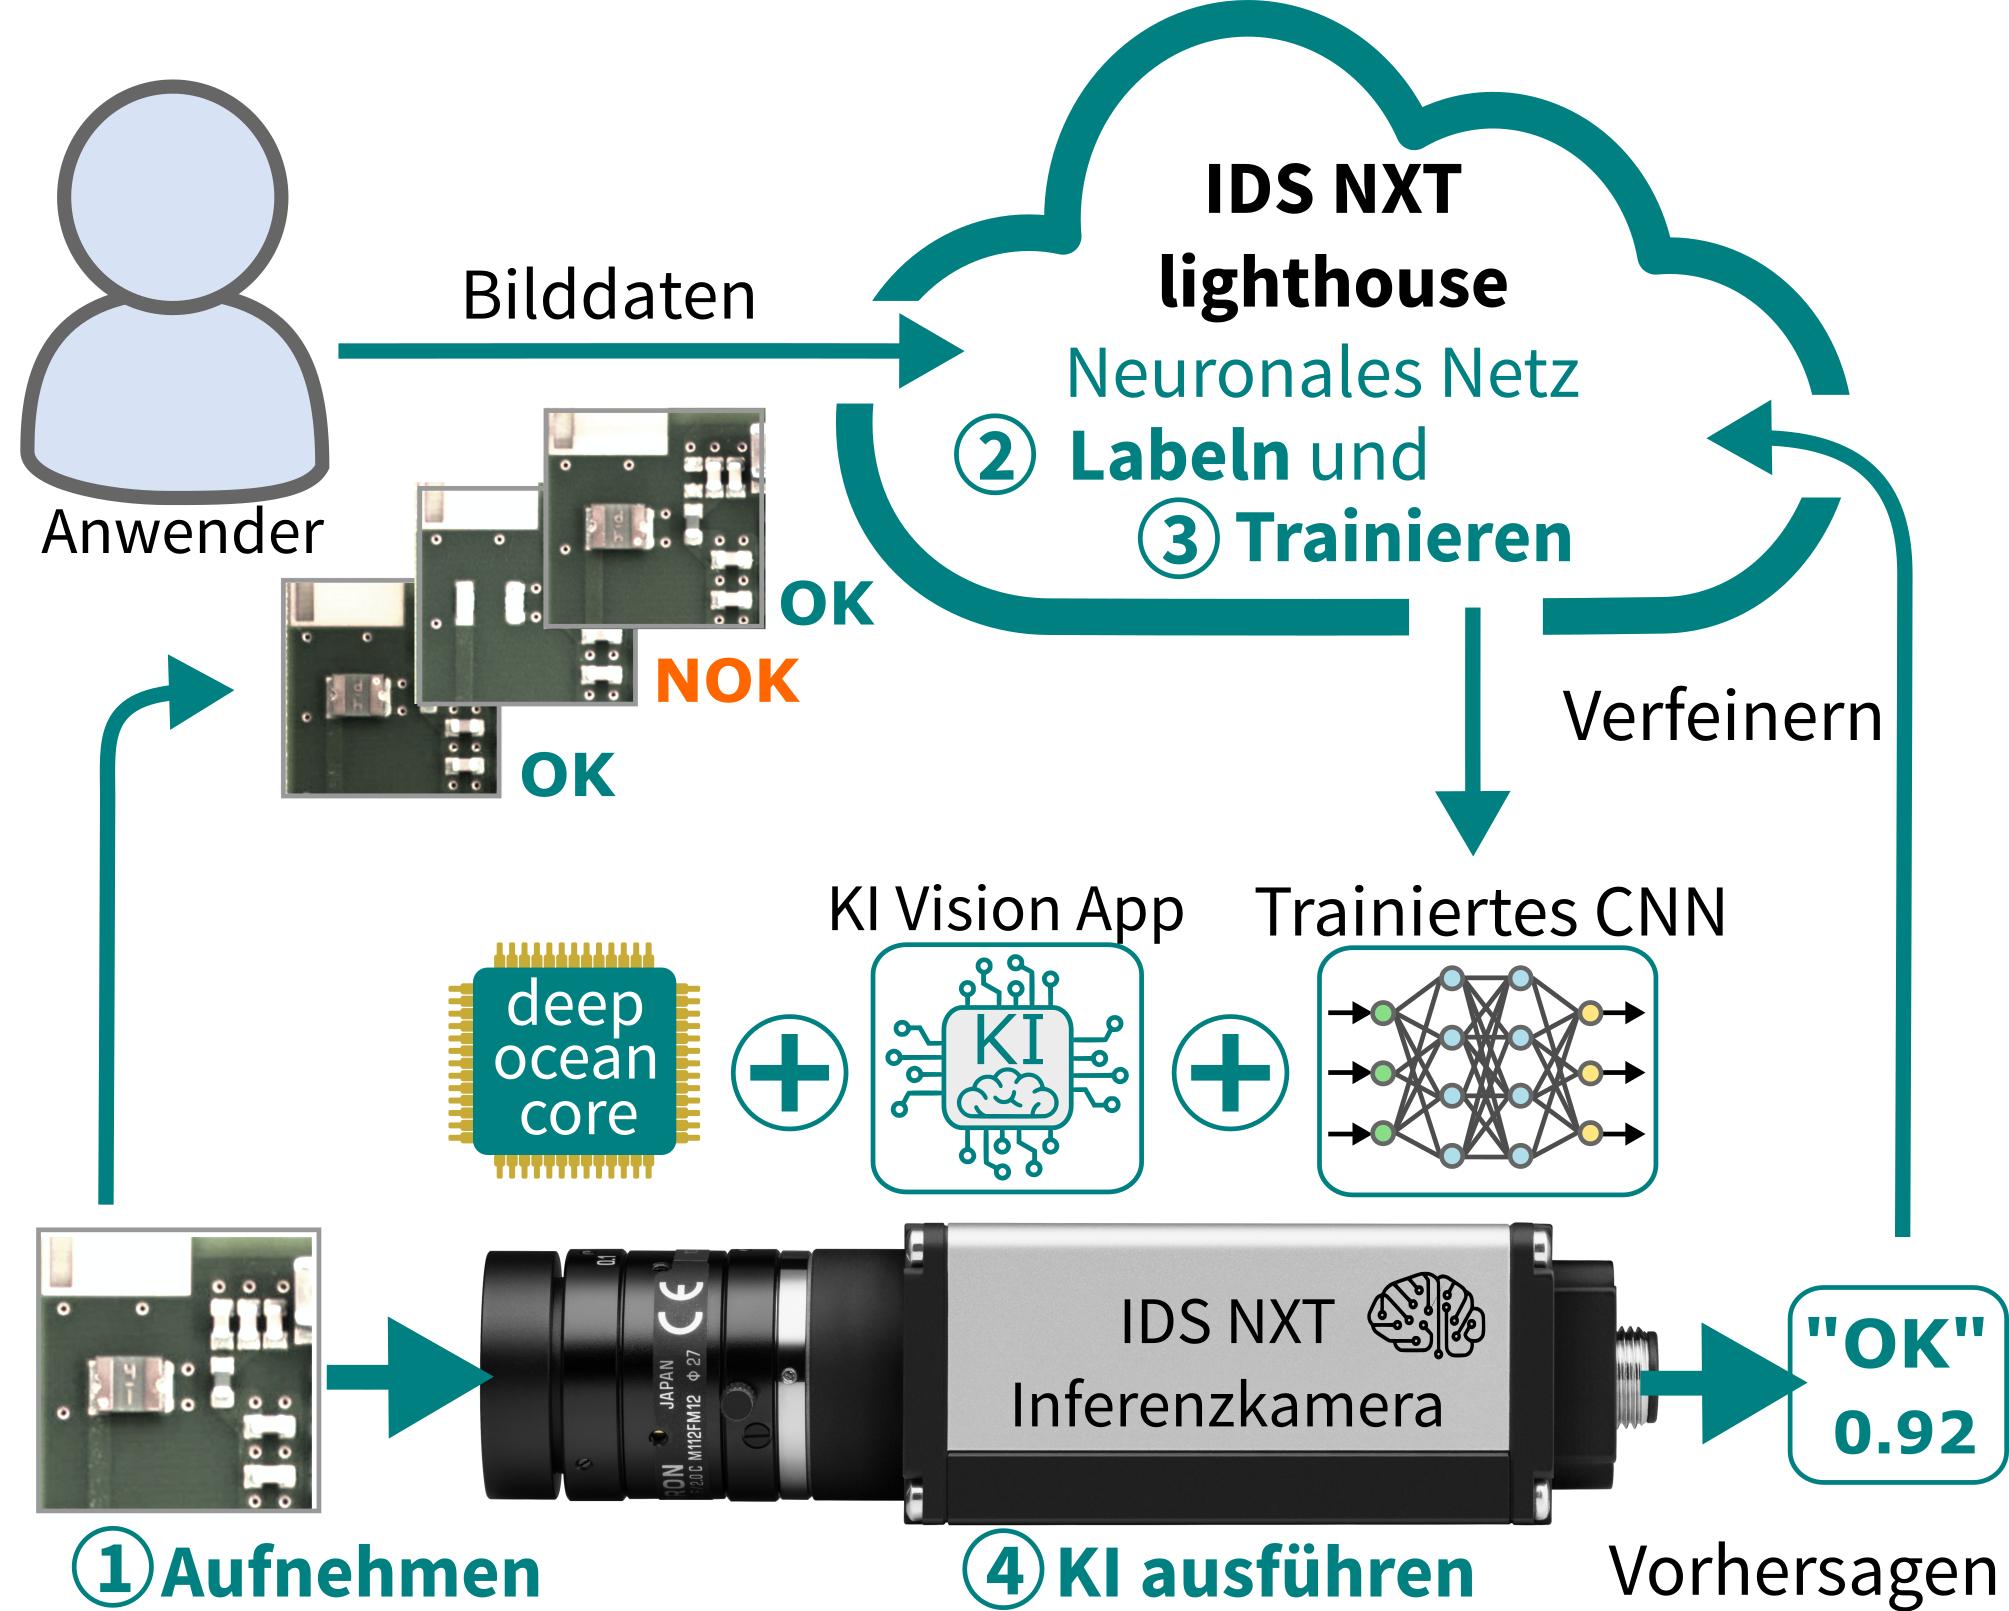 Bild 1 | Die NXT Kameras von IDS sind Hybridsysteme, um sowohl Vorverarbeitung von Bilddaten mit klassischer Bildverarbeitung als auch eine Merkmalsextraktion mittels neuronaler Netze nebeneinander einzusetzen. (Bild: IDS Imaging Development Systems GmbH)